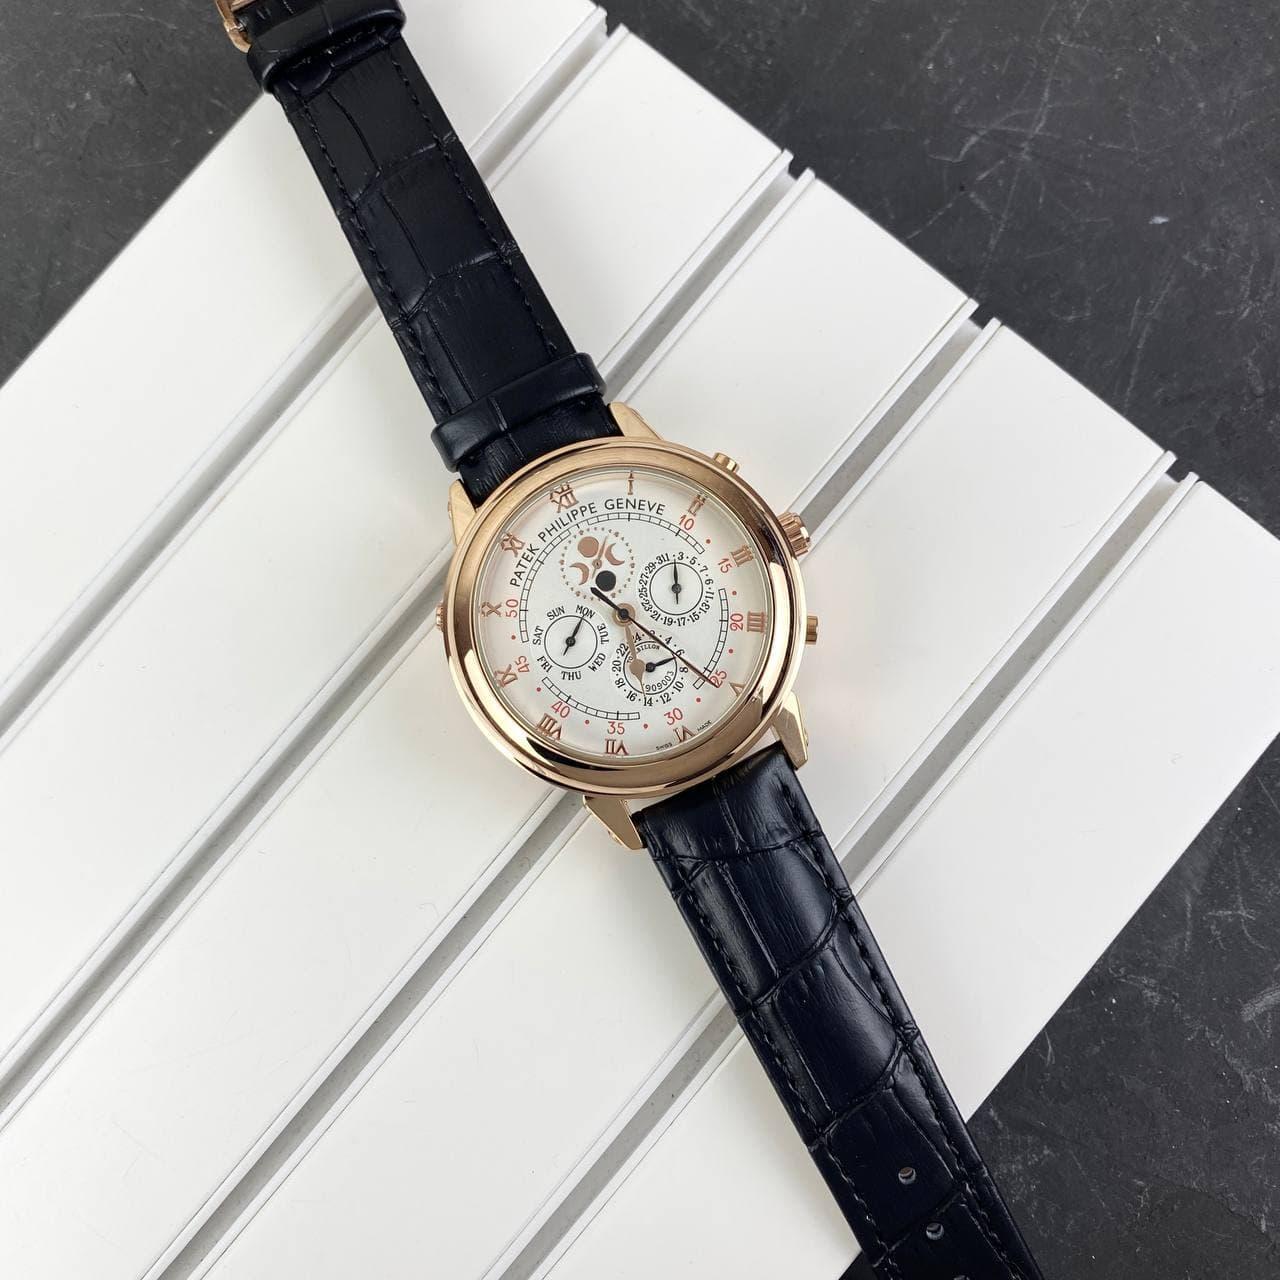 Мужские наручные часы Patek Philippe Grand Complications 5002 Sky Moon Black-Gold-White New